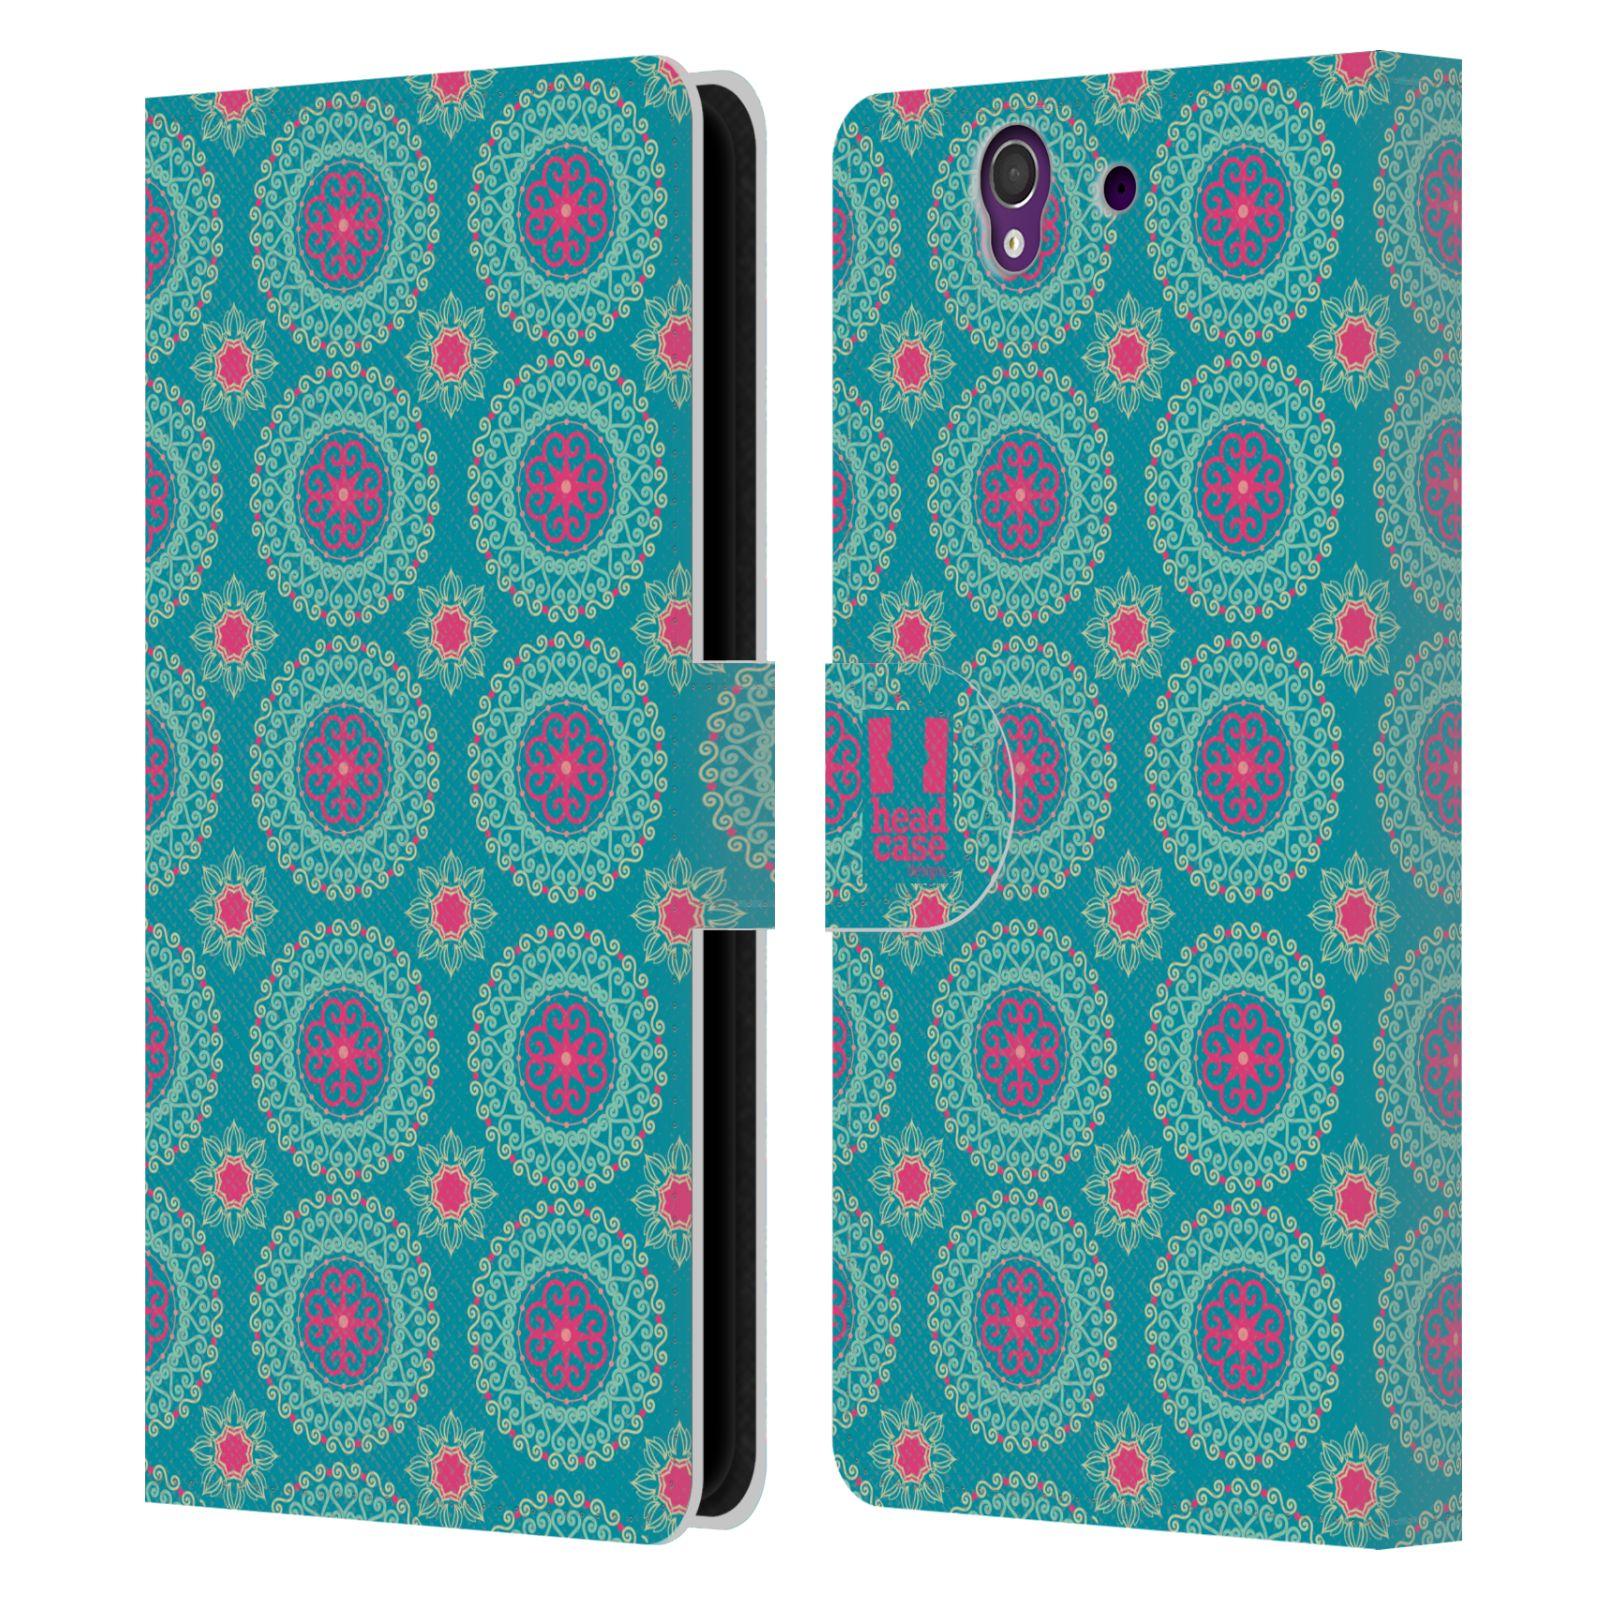 HEAD CASE Flipové pouzdro pro mobil SONY XPERIA Z (C6603) Slovanský vzor modrá/tyrkysová barva kaleidoskop